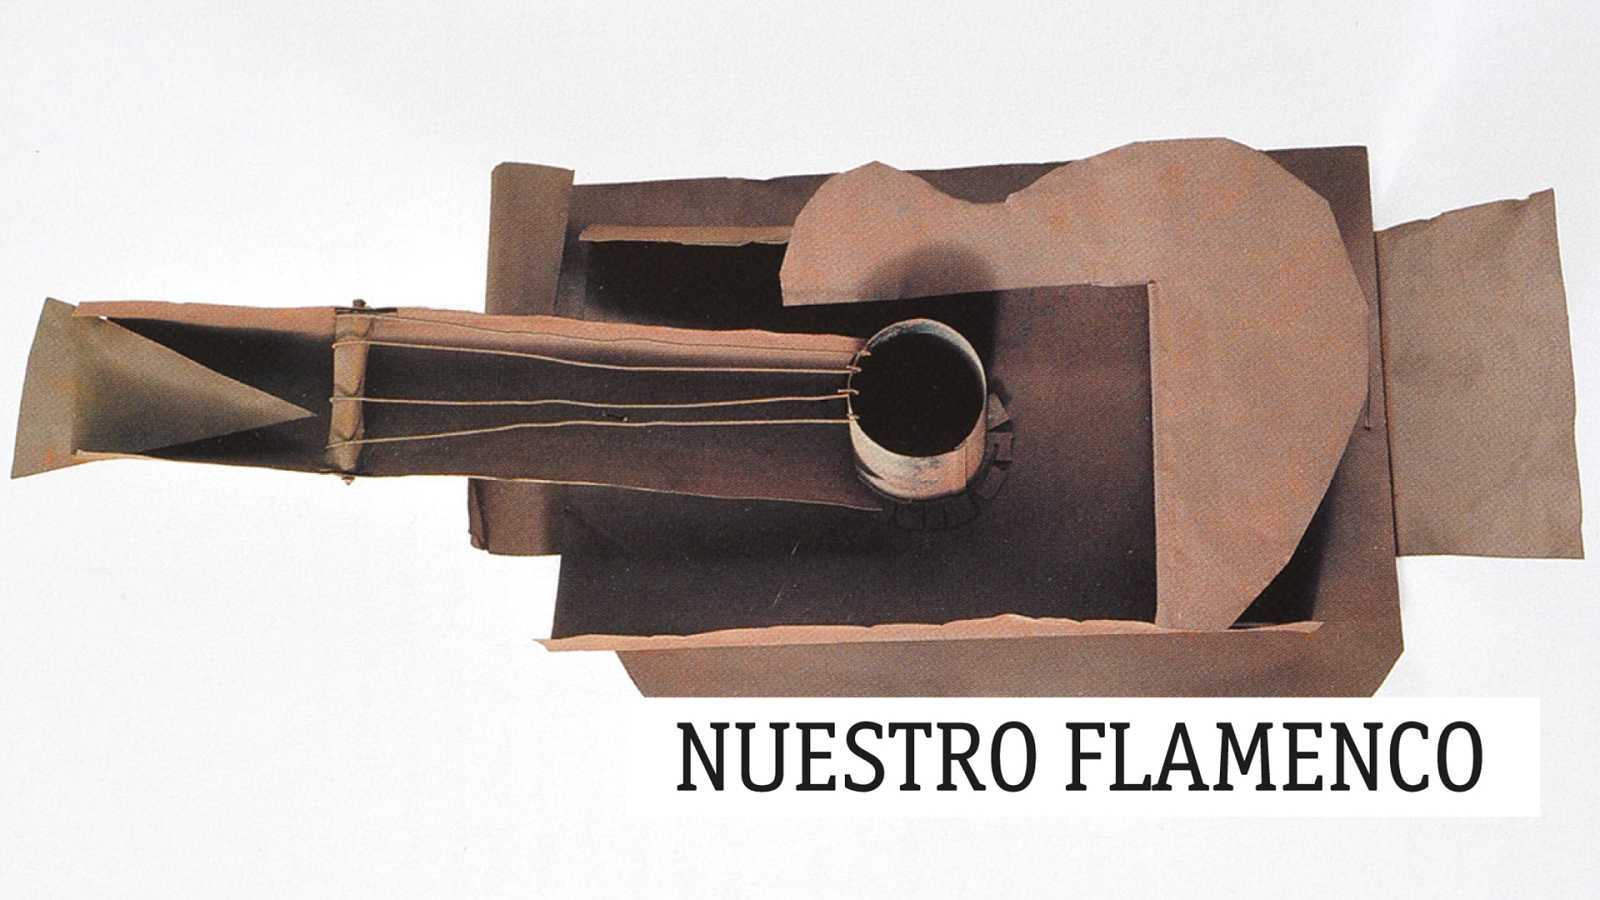 Nuestro Flamenco - Dorantes y la vuelta al mundo - 12/11/20 - escuchar ahora